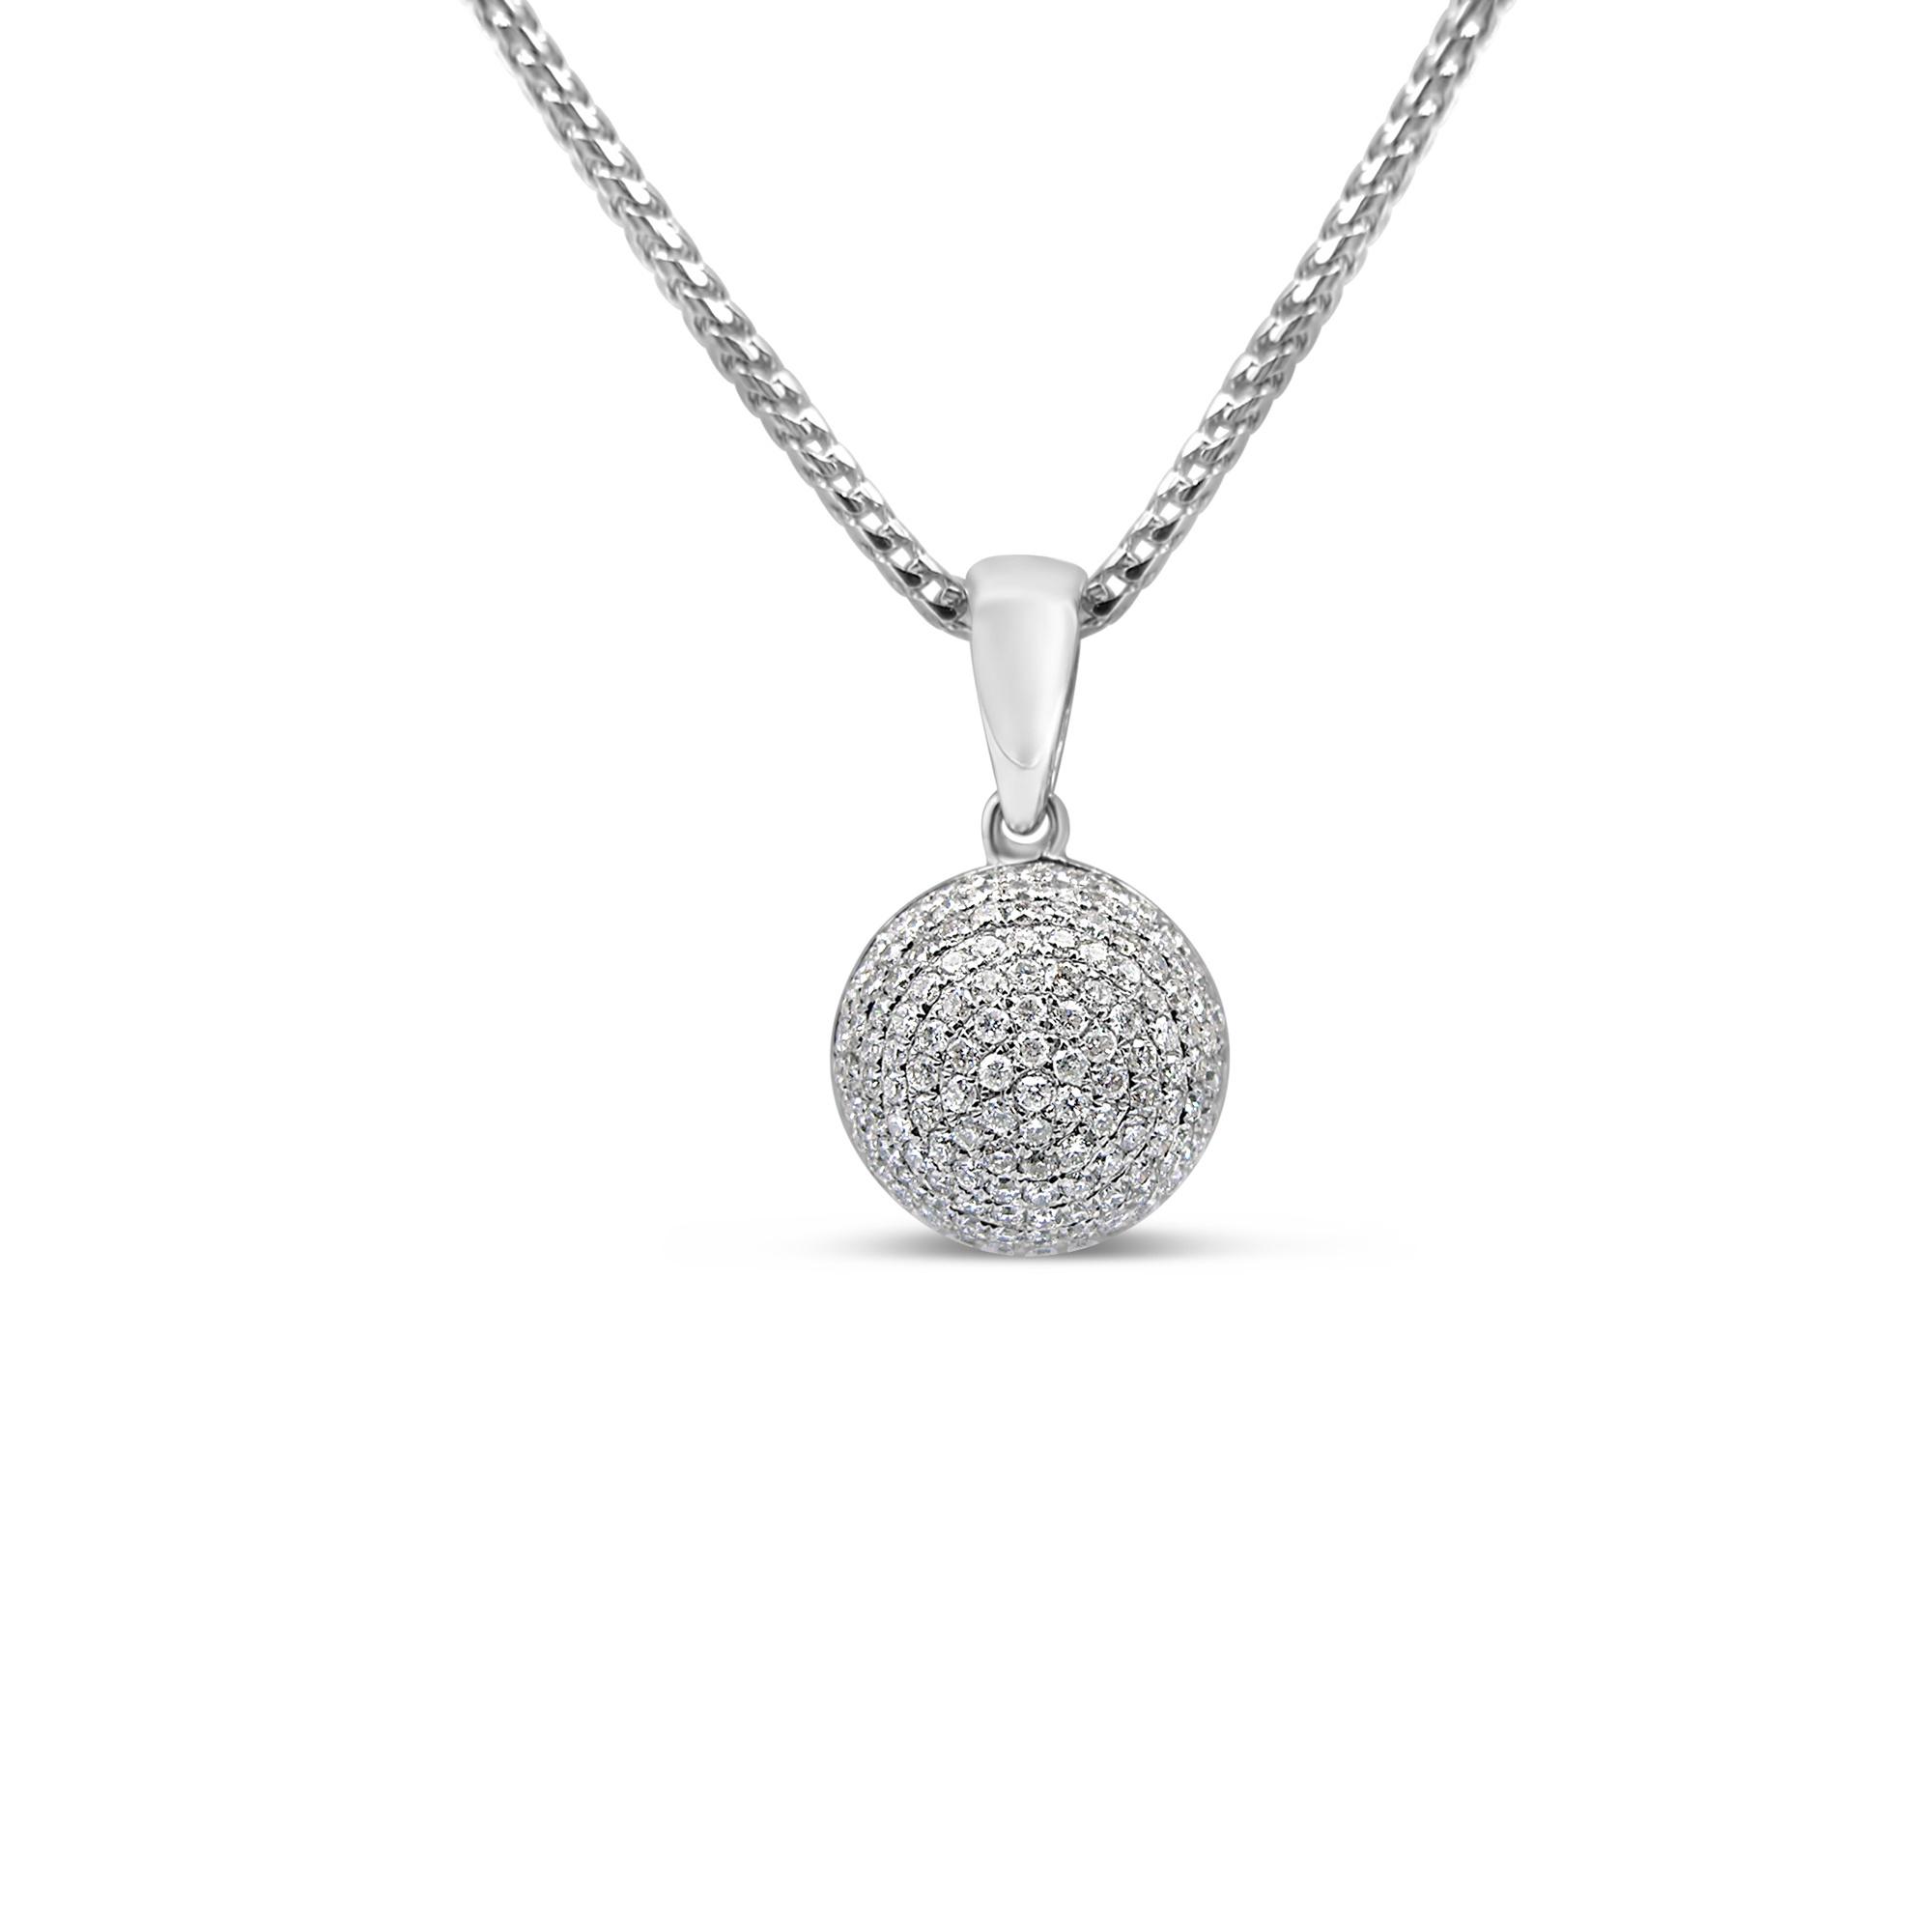 18kt wit goud hanger met 0.55 ct diamanten